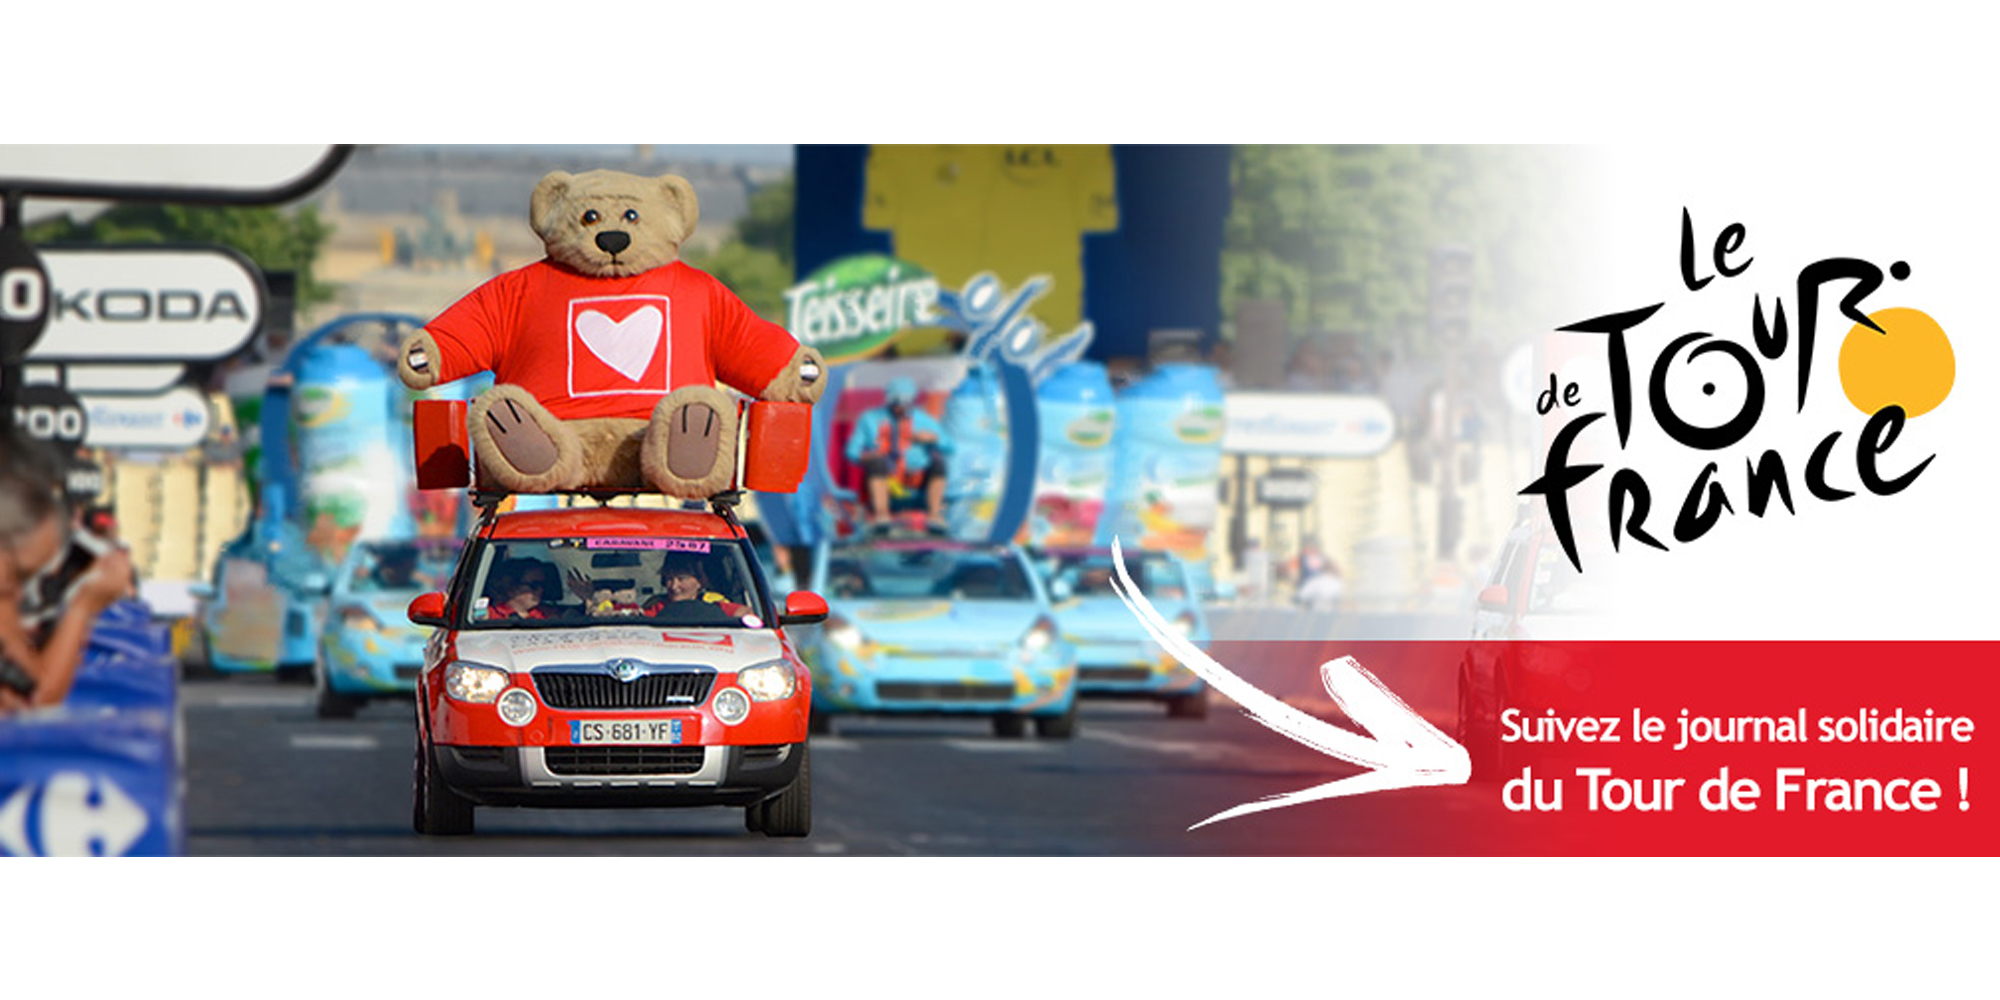 L'atelier Cobalt Fx a réalisé la sculpture d'un décor de voiture de caravane du Tour de France pour Mécénat Chirurgie Cardiaque